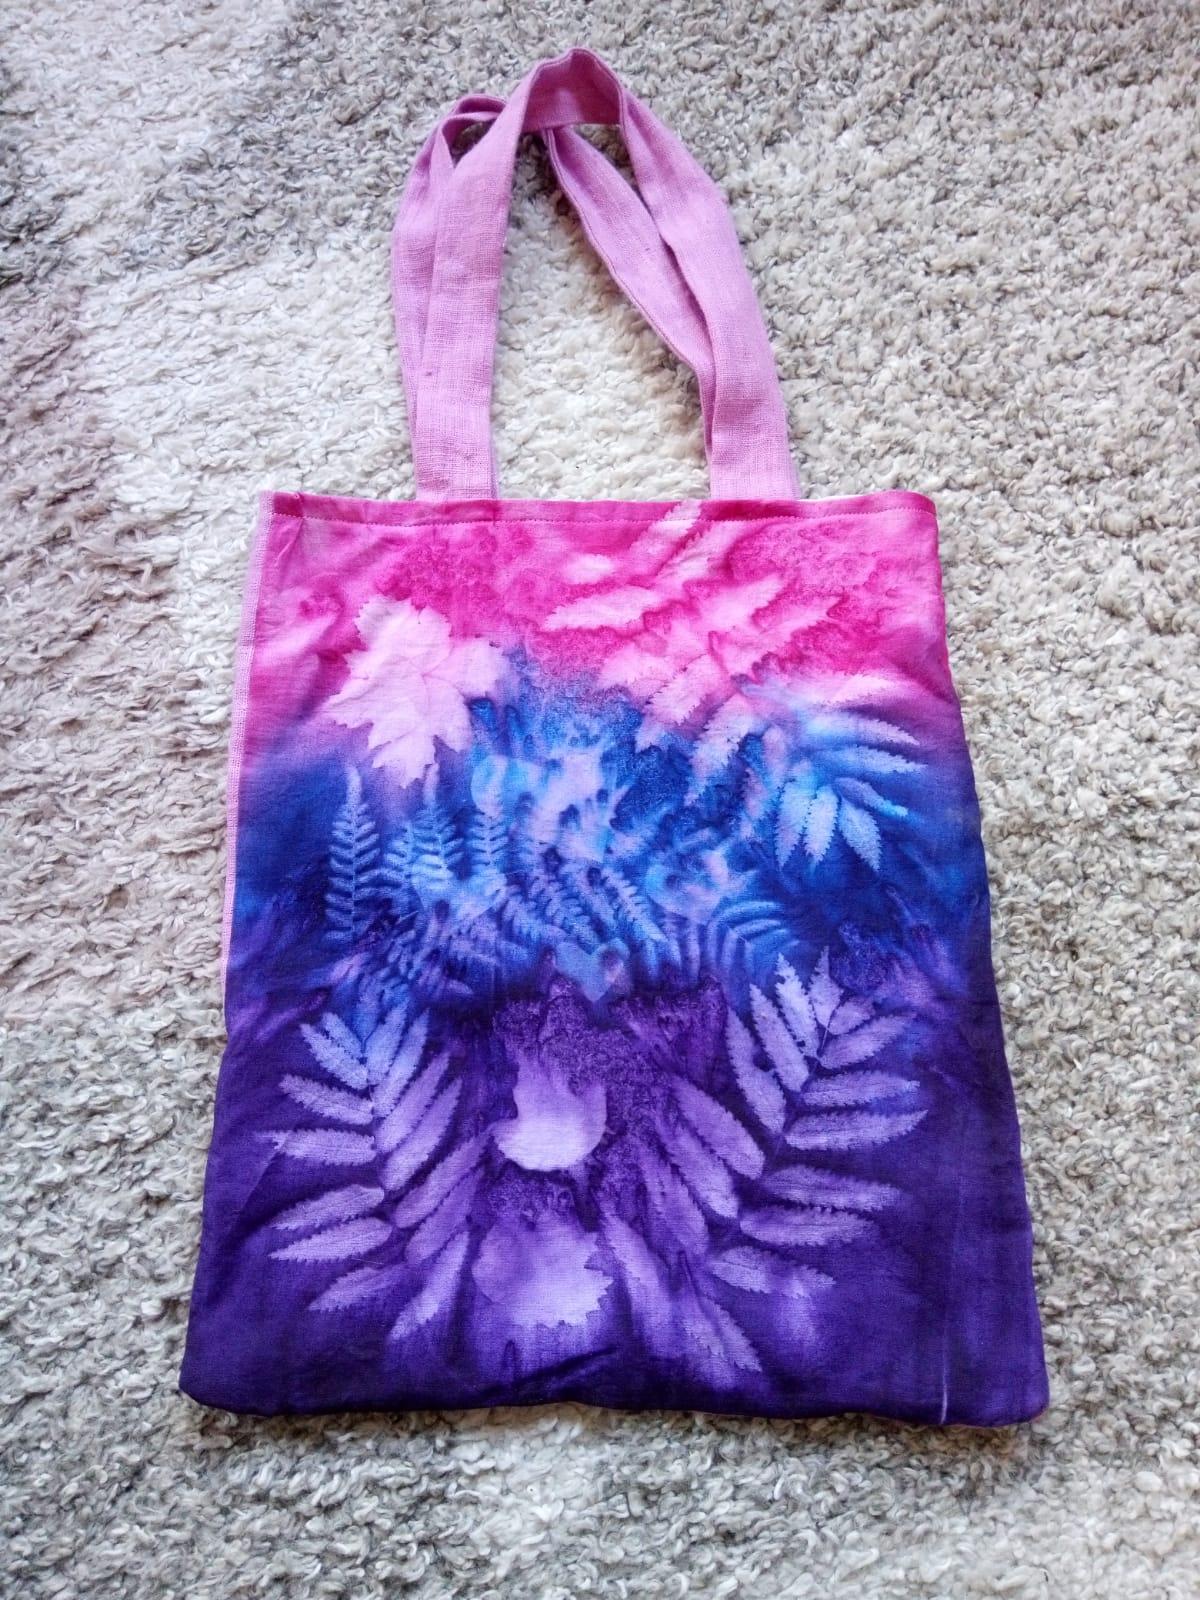 Väska med soltryck i rosa och lila färger med mönster av olika blad och löv